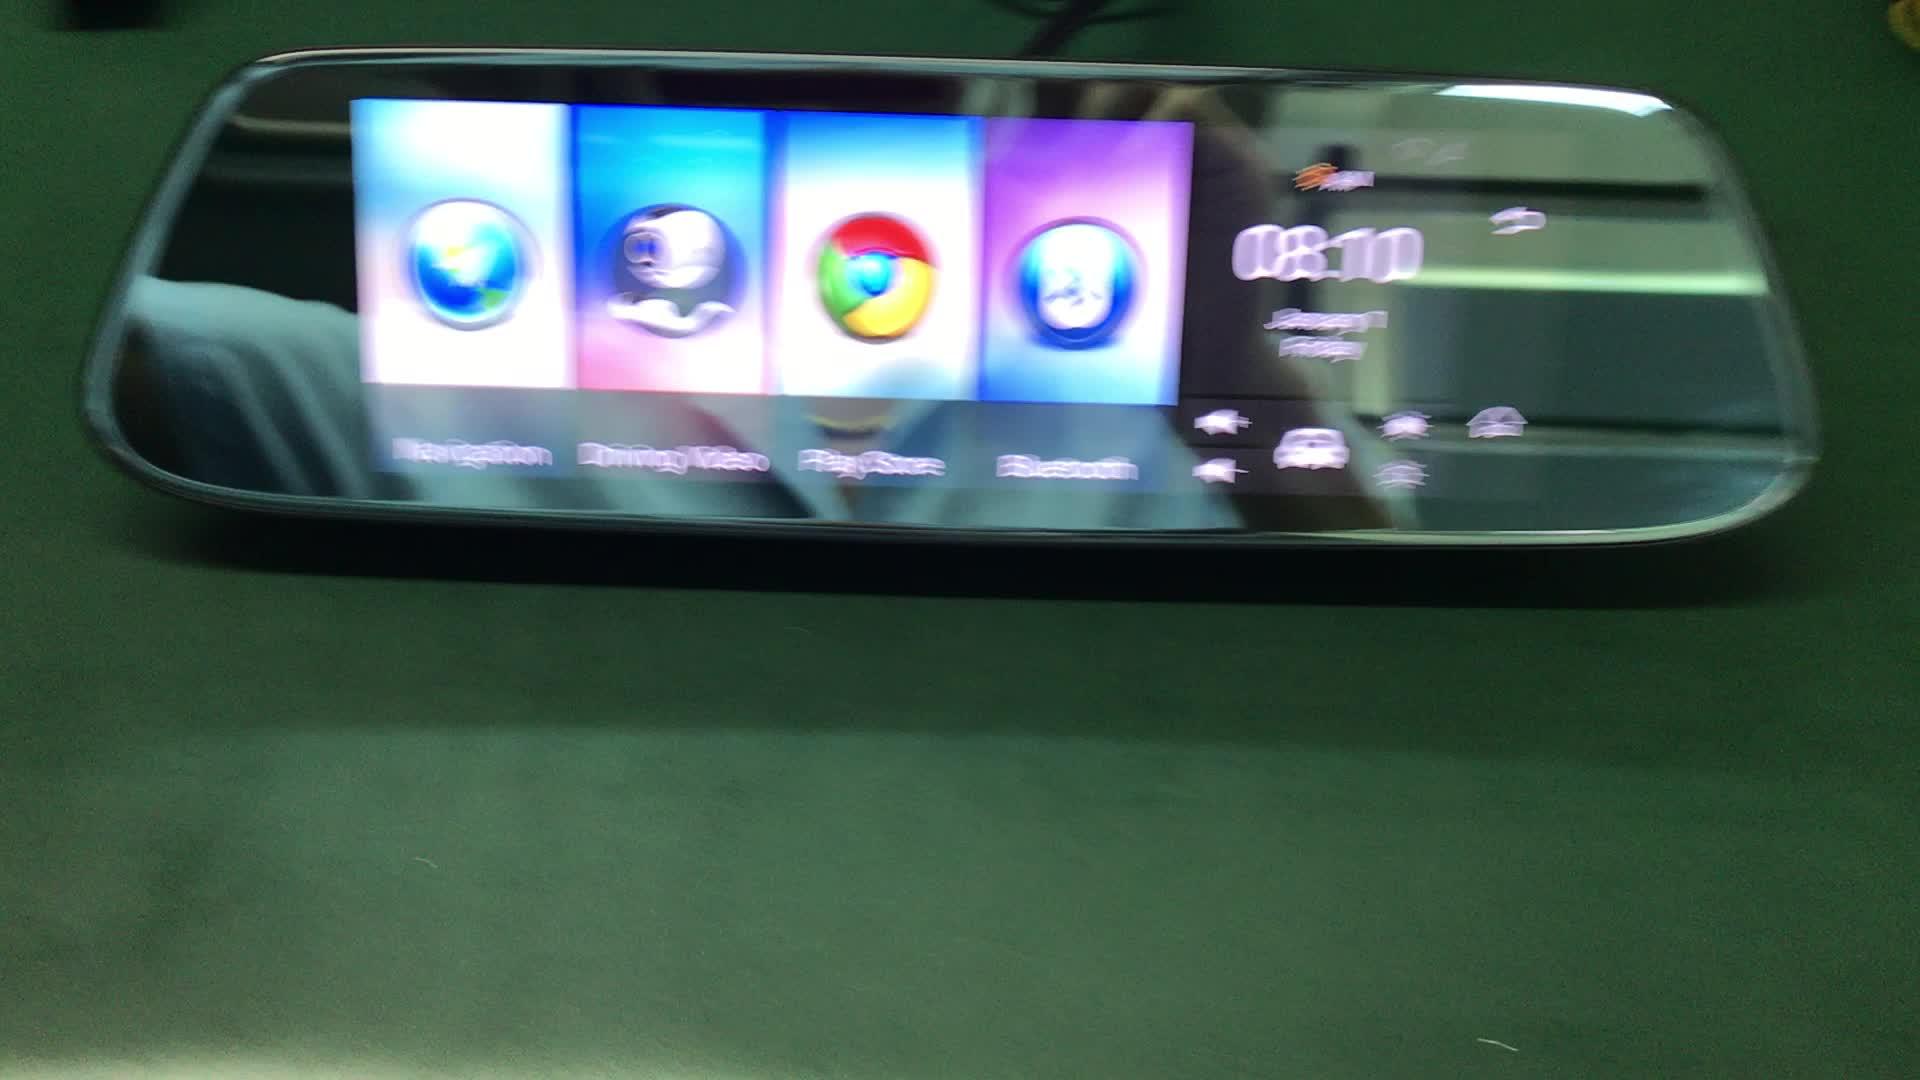 Oemのカスタムメイド8インチipsフルスクリーン車のバックミラー車両の走行データレコーダー4グラム車dvr gpsナビゲーション